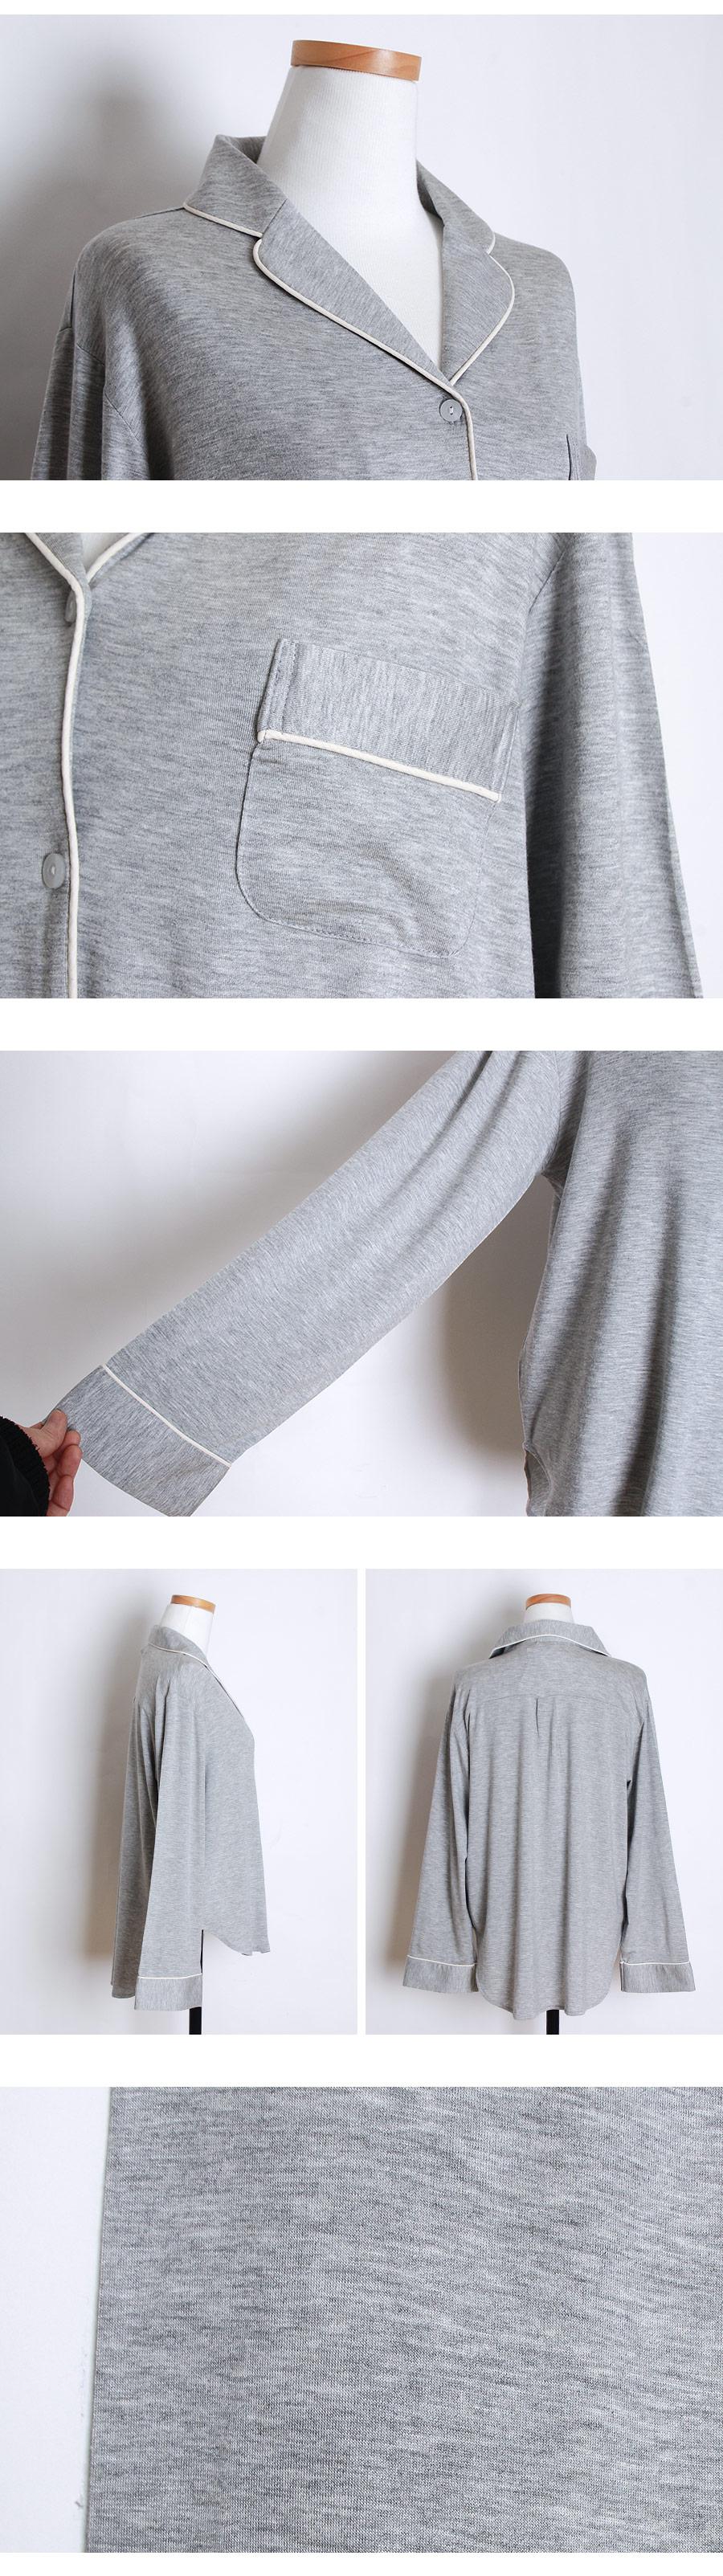 플레인 모달 투피스 여성잠옷 W419 - 쿠비카, 98,000원, 잠옷, 여성파자마